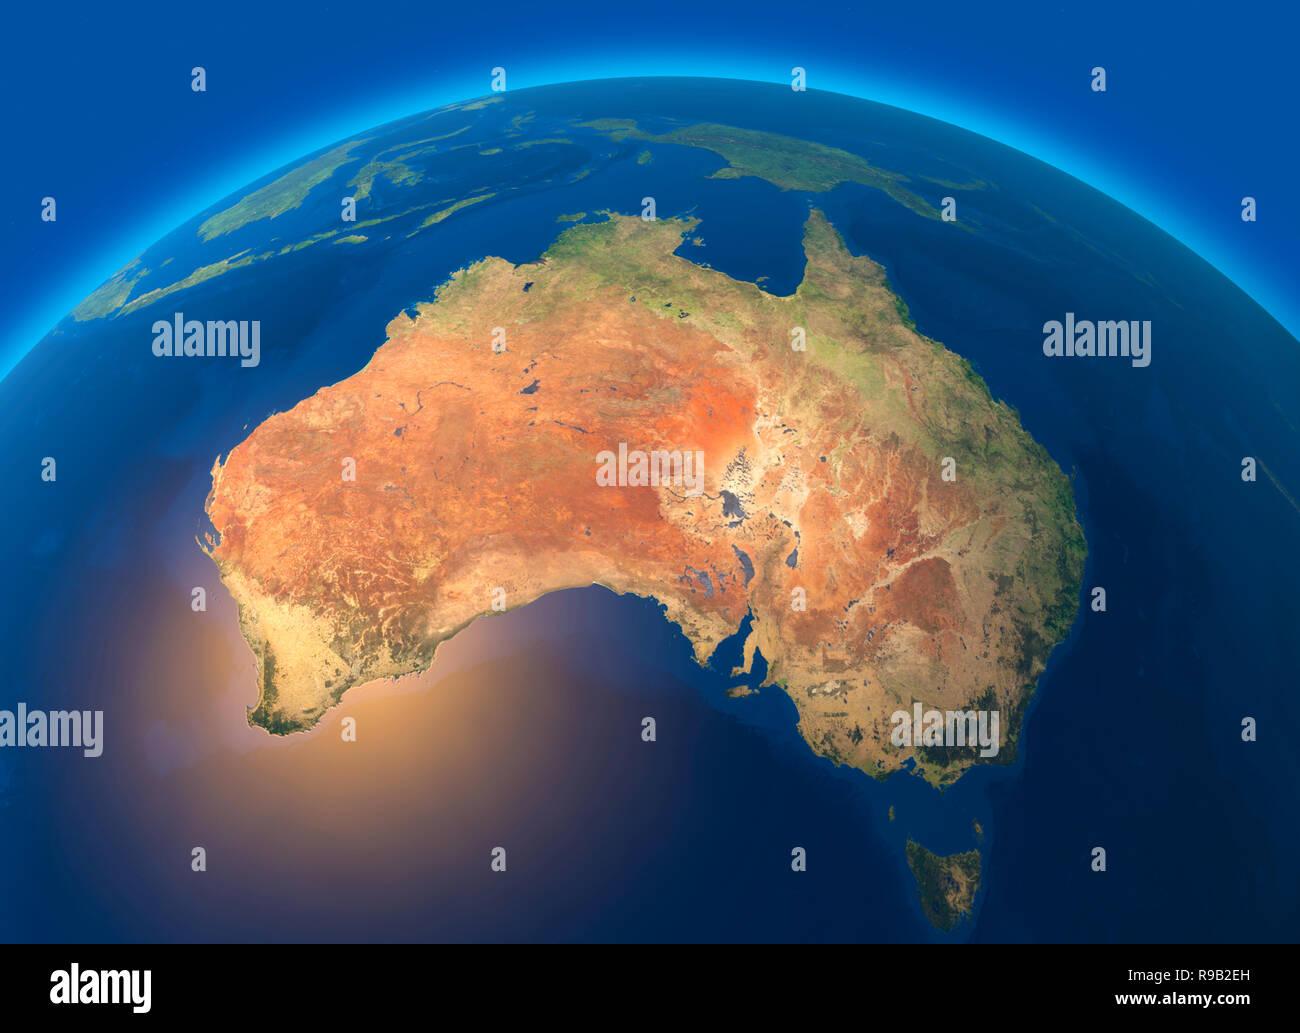 Cartina Satellitare Mondo.Cartina Fisica Del Mondo Vista Satellitare Di Australia Oceania Globo Emisfero Rilievi E Oceani Il Rendering 3d Foto Stock Alamy